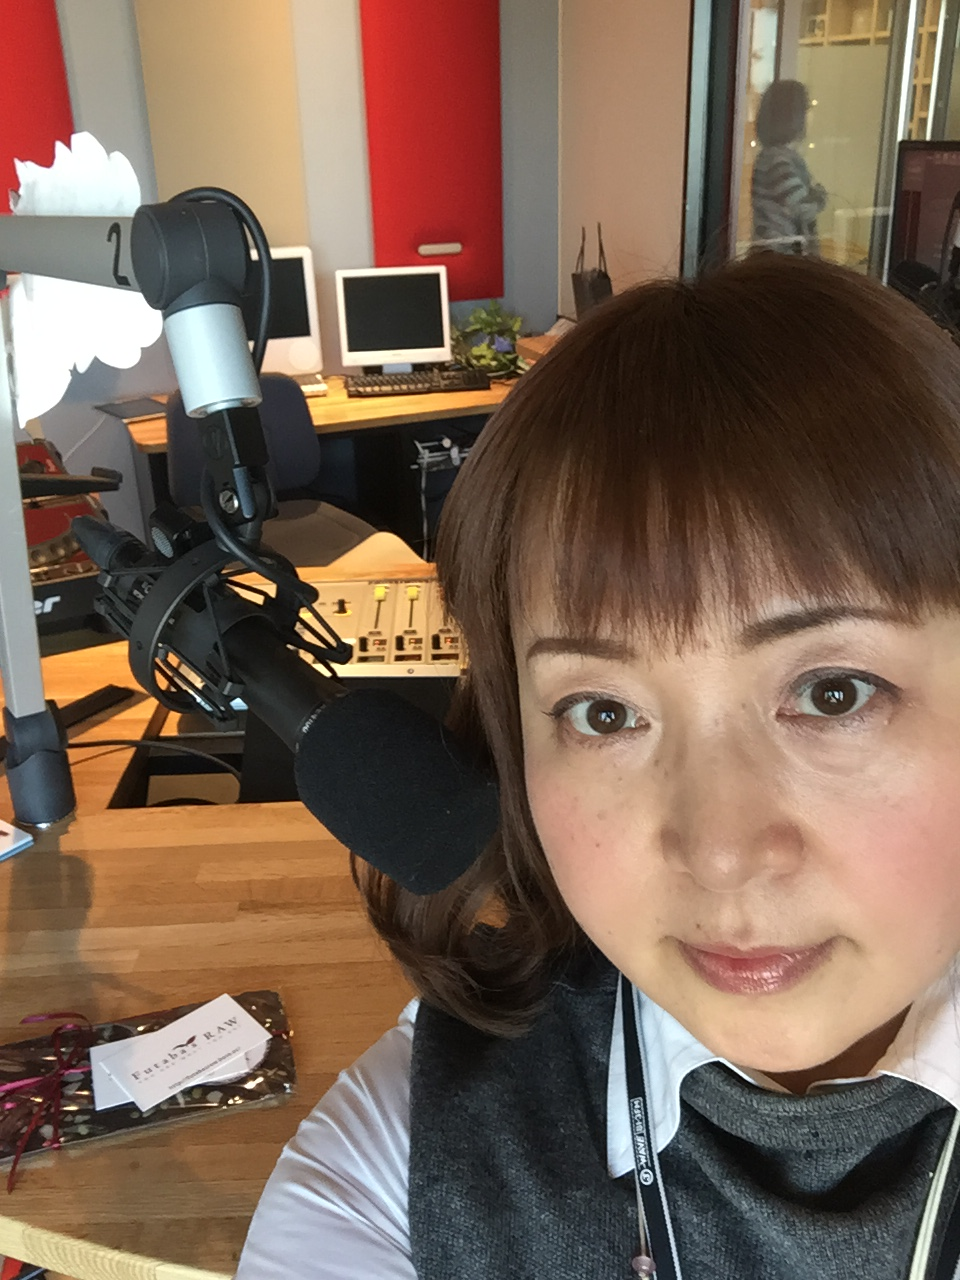 J-WAVE 板井麻衣子のPARADISOで 話題のローチョコレートについて語りました!